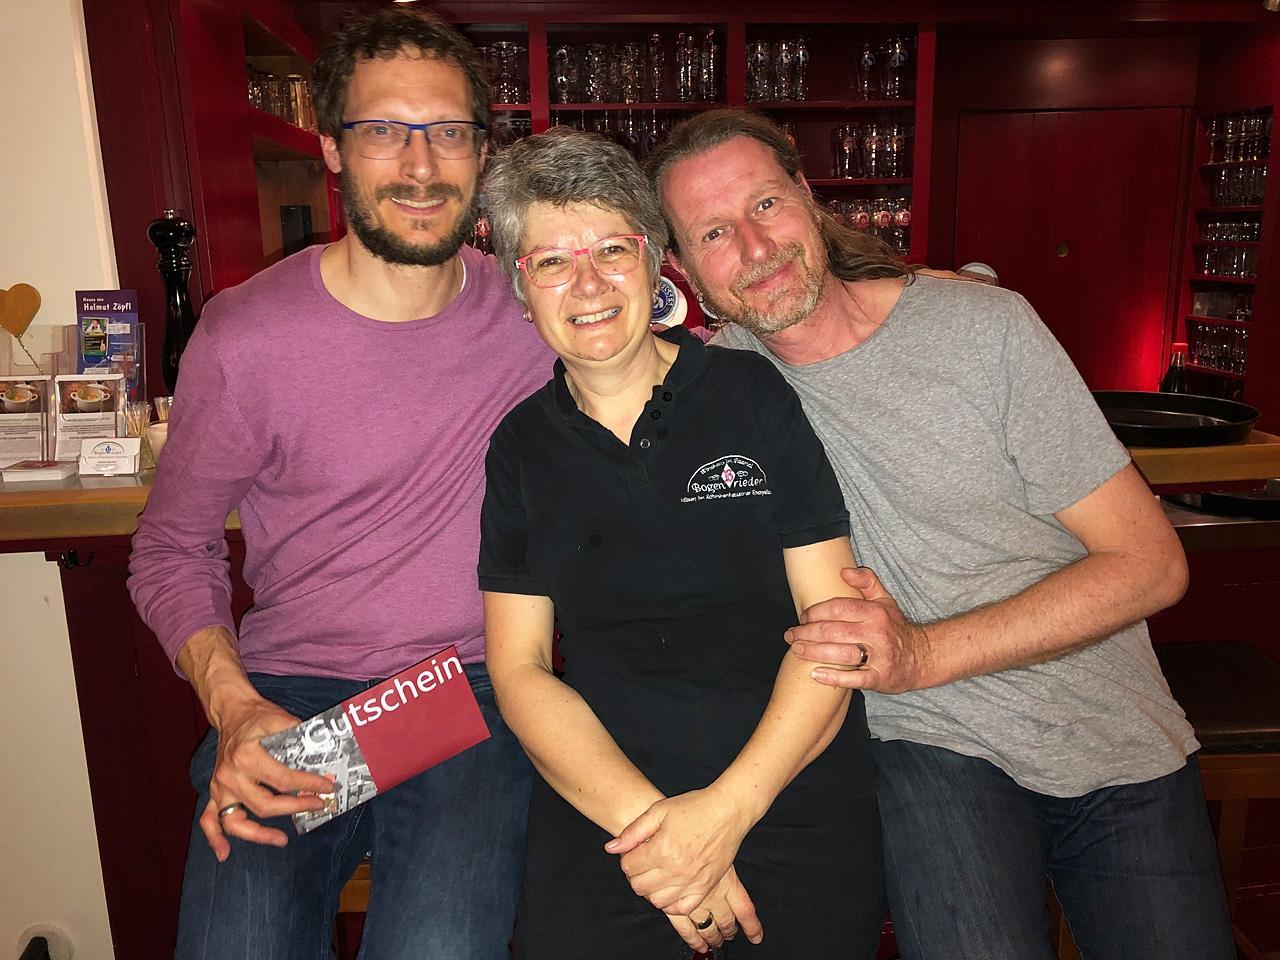 Gasthaus Bogenrieder und Paddy Whack 2019 - Sieglinde, Paddy Whack und Sven Übergabe